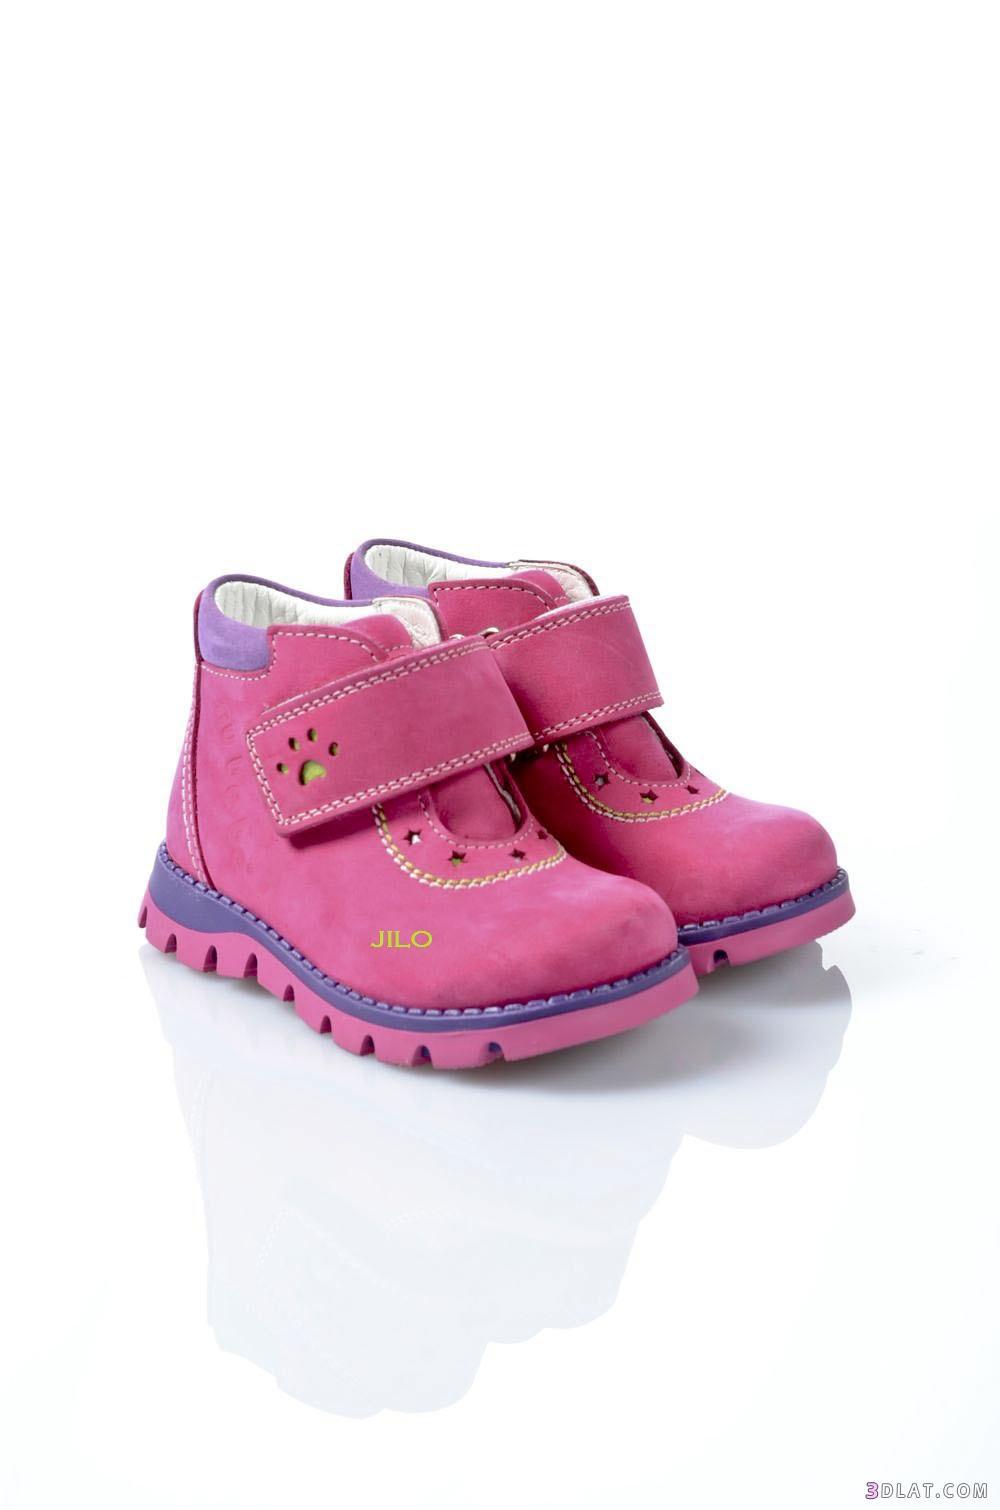 صورة احذية اطفال بنات , اجمل احذية خاصة بالبنات